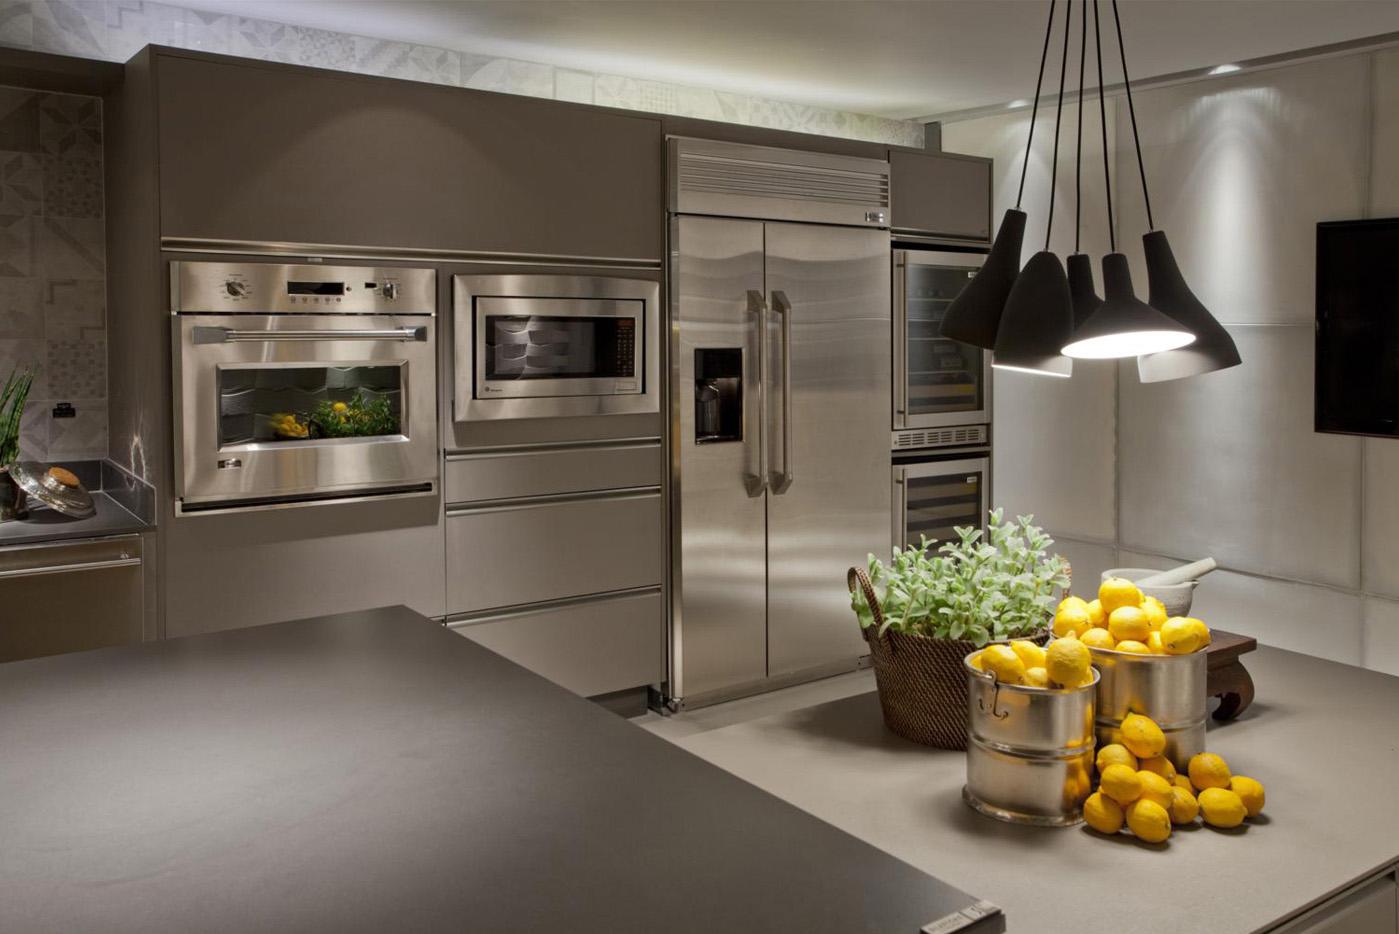 de cozinhas bem iluminadas até mesmo com lâmpadas coloridas e leds #BE880D 1399 934